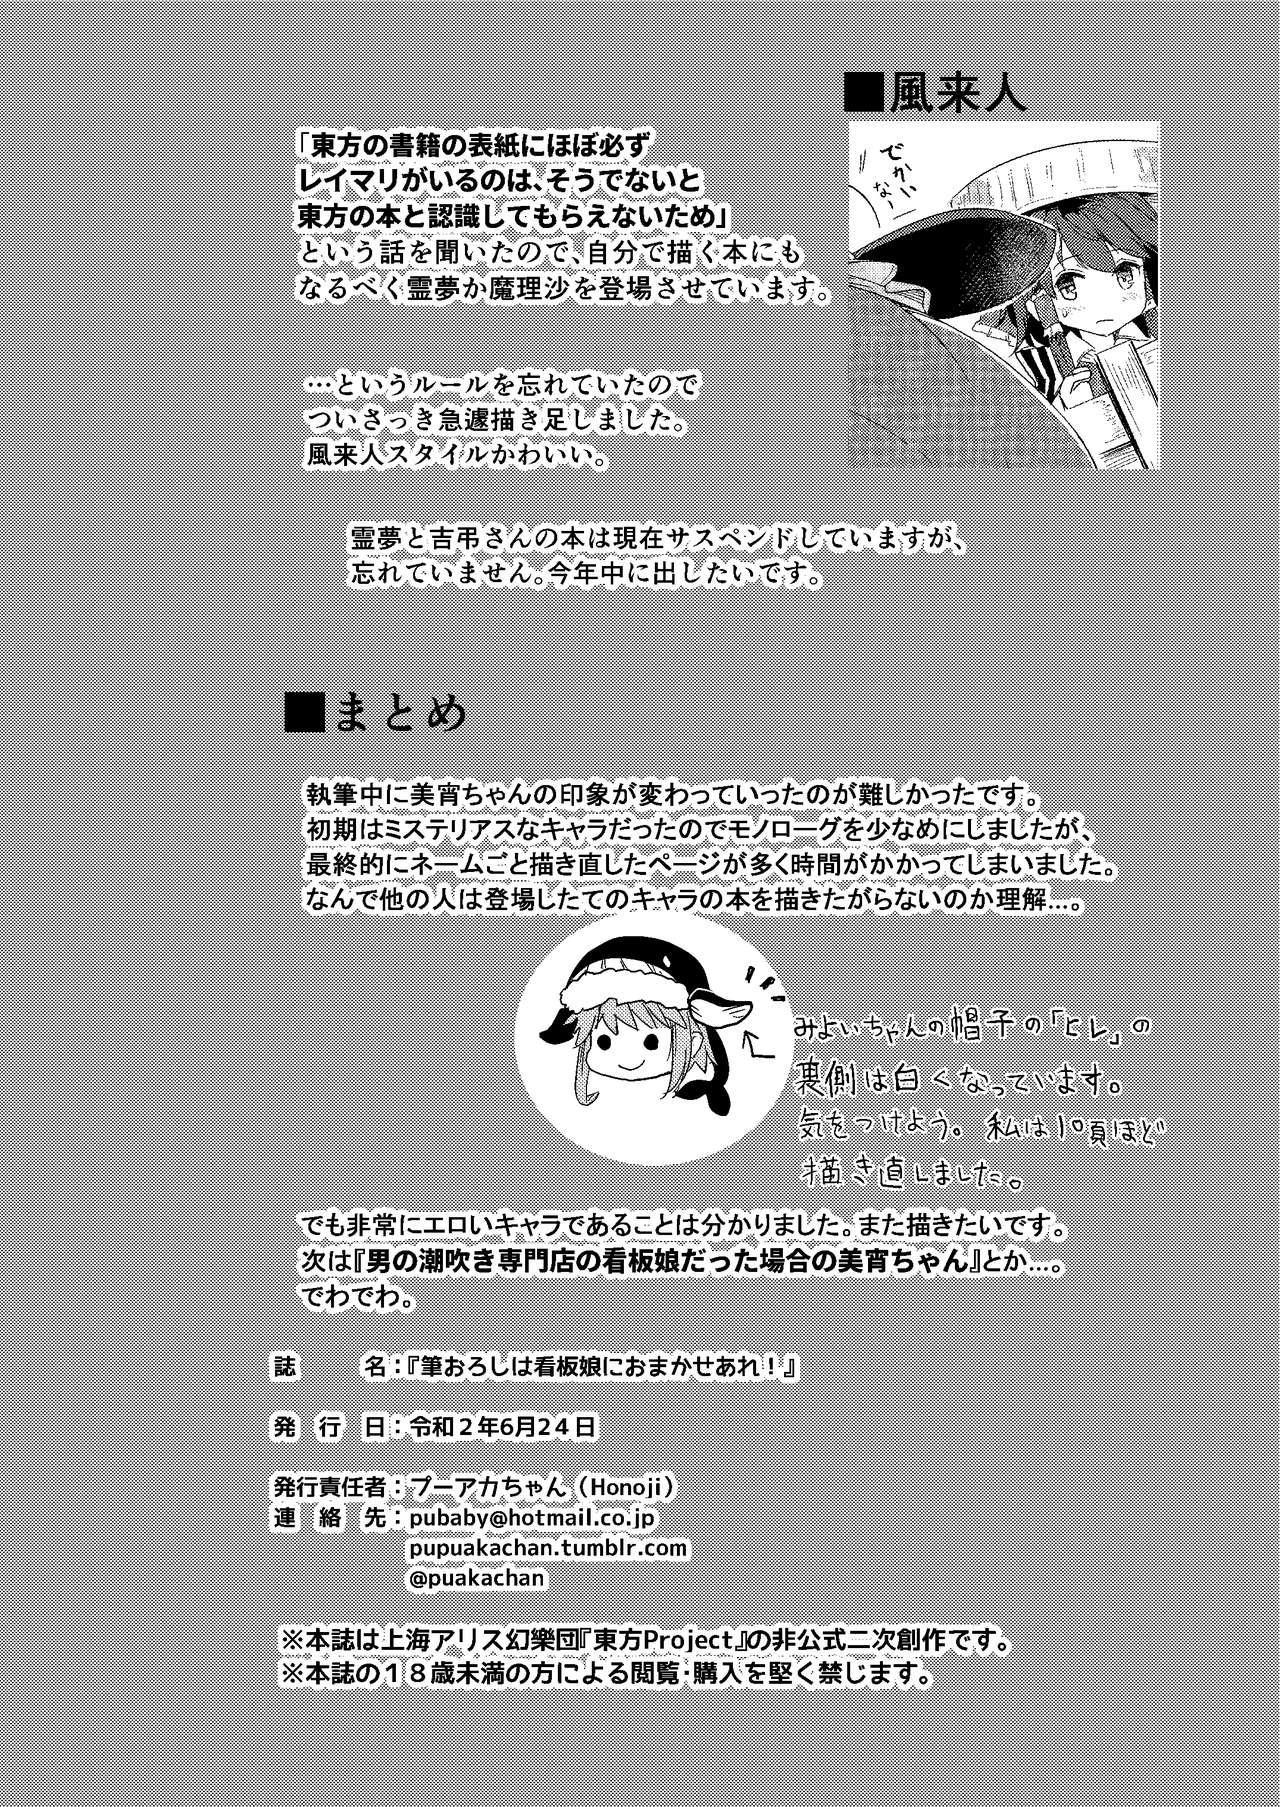 Fudeoroshi wa Kanbanmusume ni Omakaseare! 24